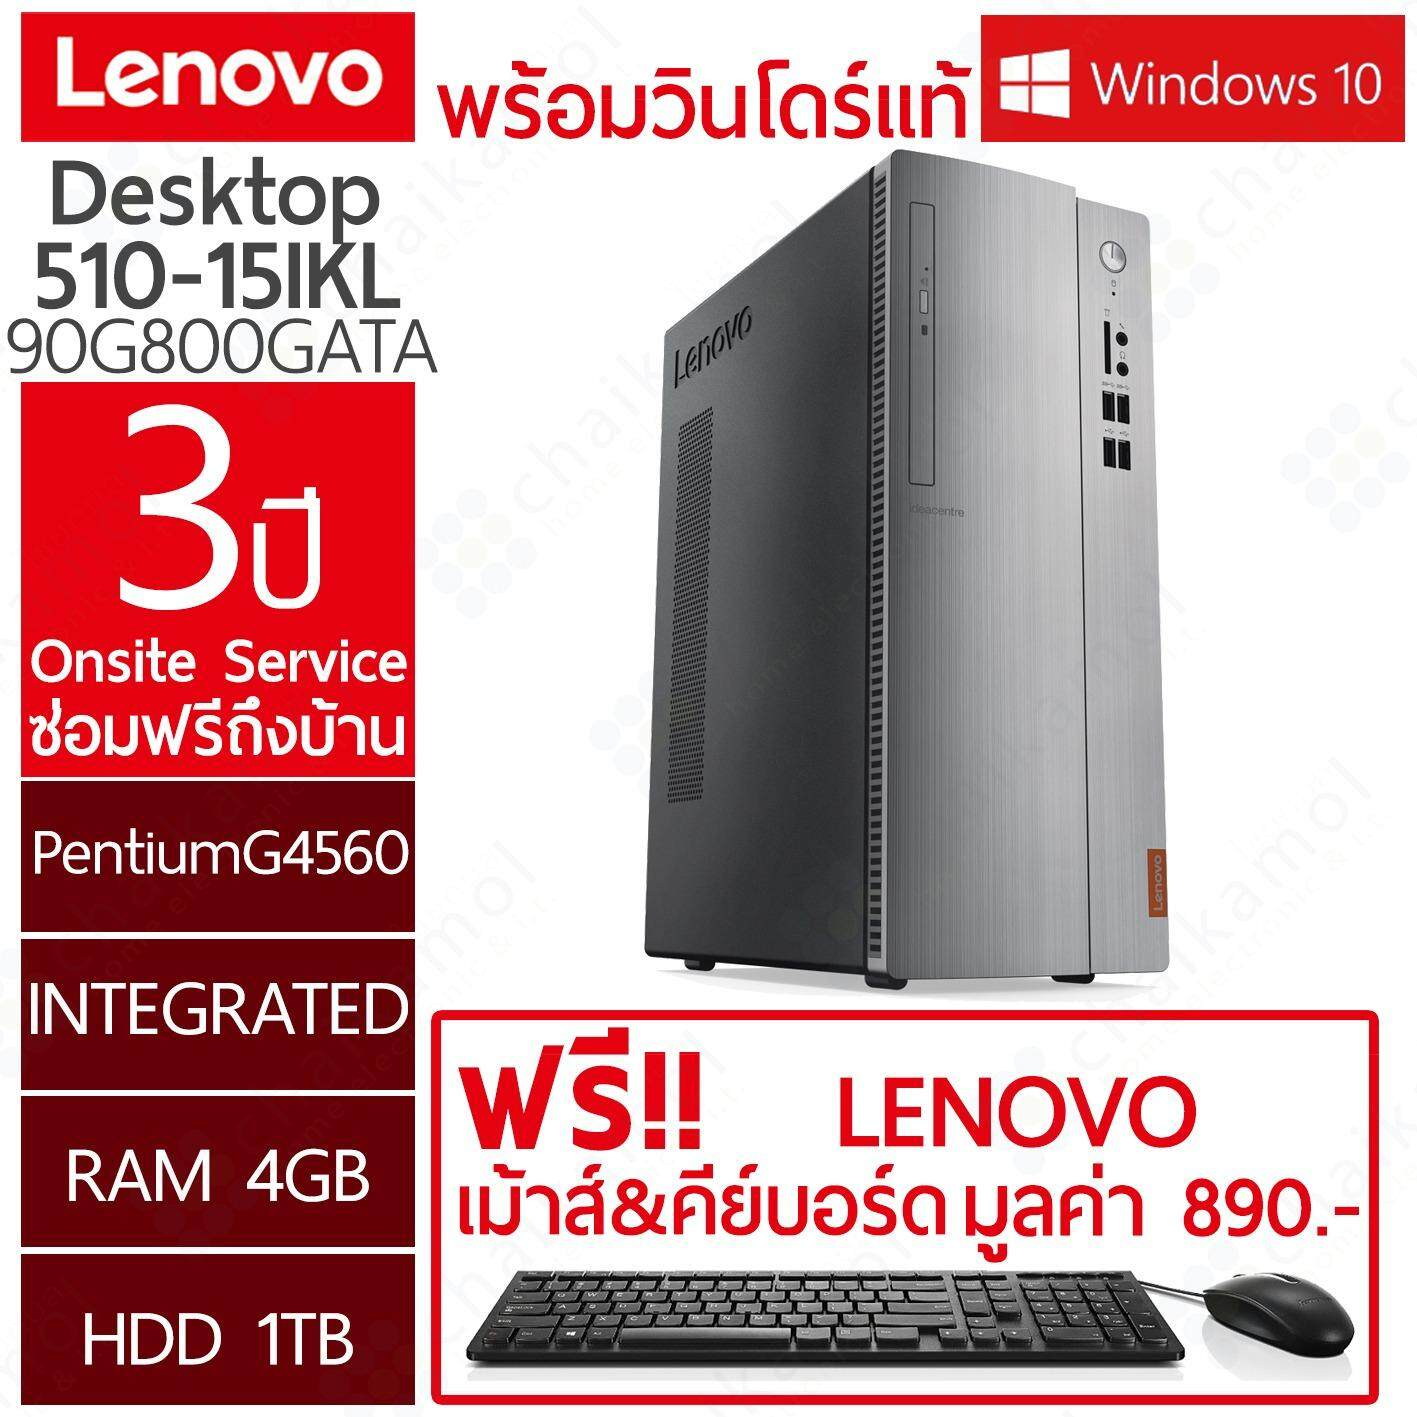 ขาย ซื้อ Lenovo Pc Ideacenter Ic510 15Ikl 90G800Gata Pentium G4560 4G 1T 3Y Onsite